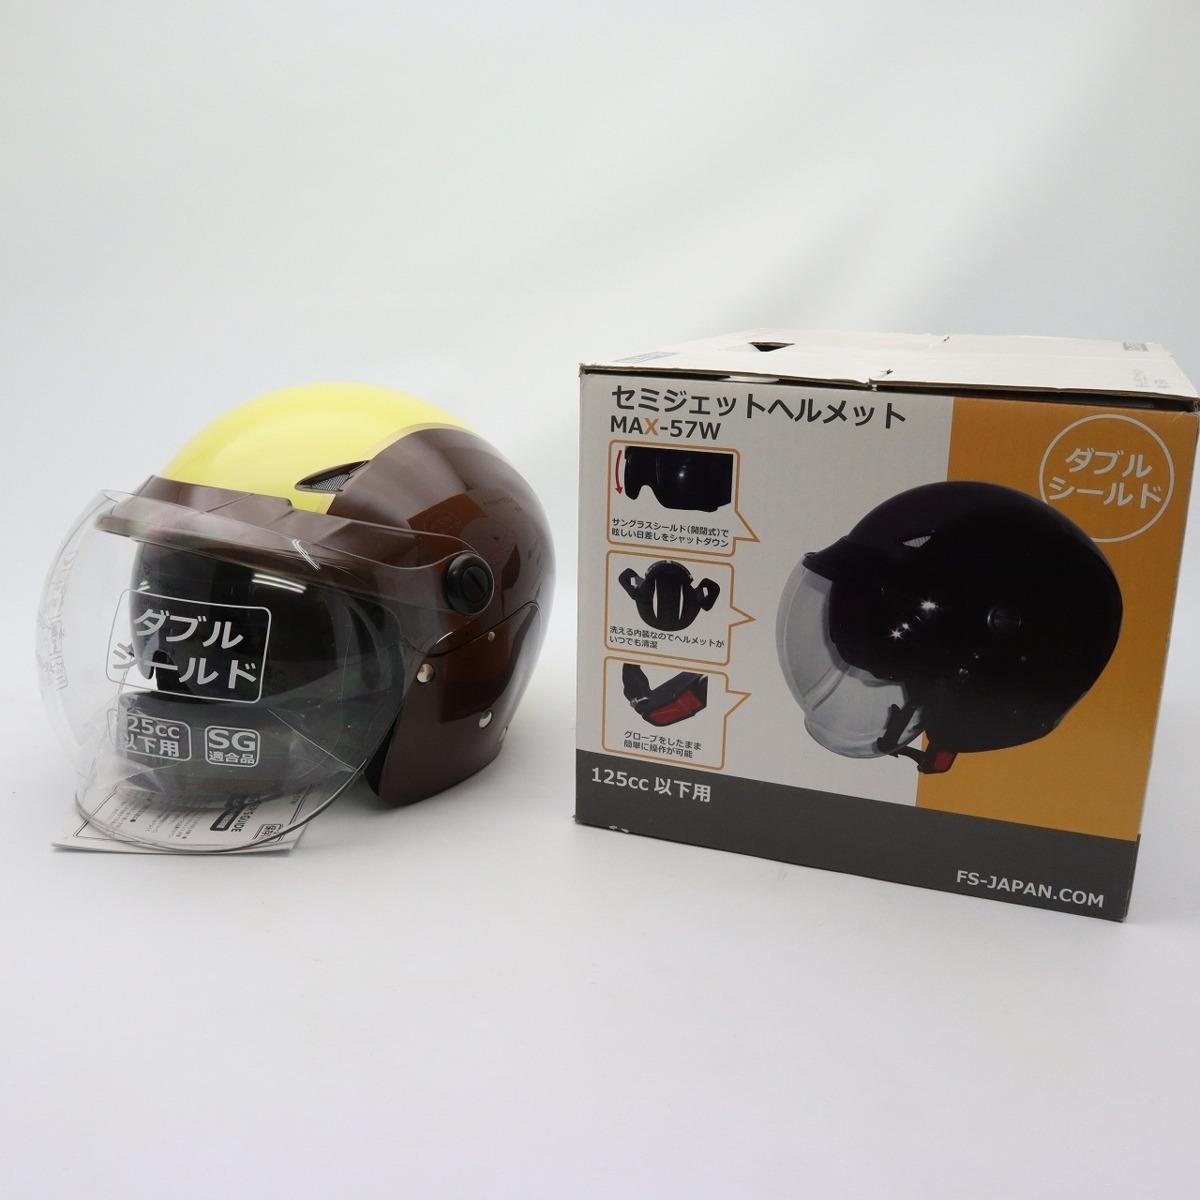 未使用品★石野商会 MAX-57W セミジェットヘルメット フリーサイズ ブラウン/アイボリーカラー 200402UD0007_画像1